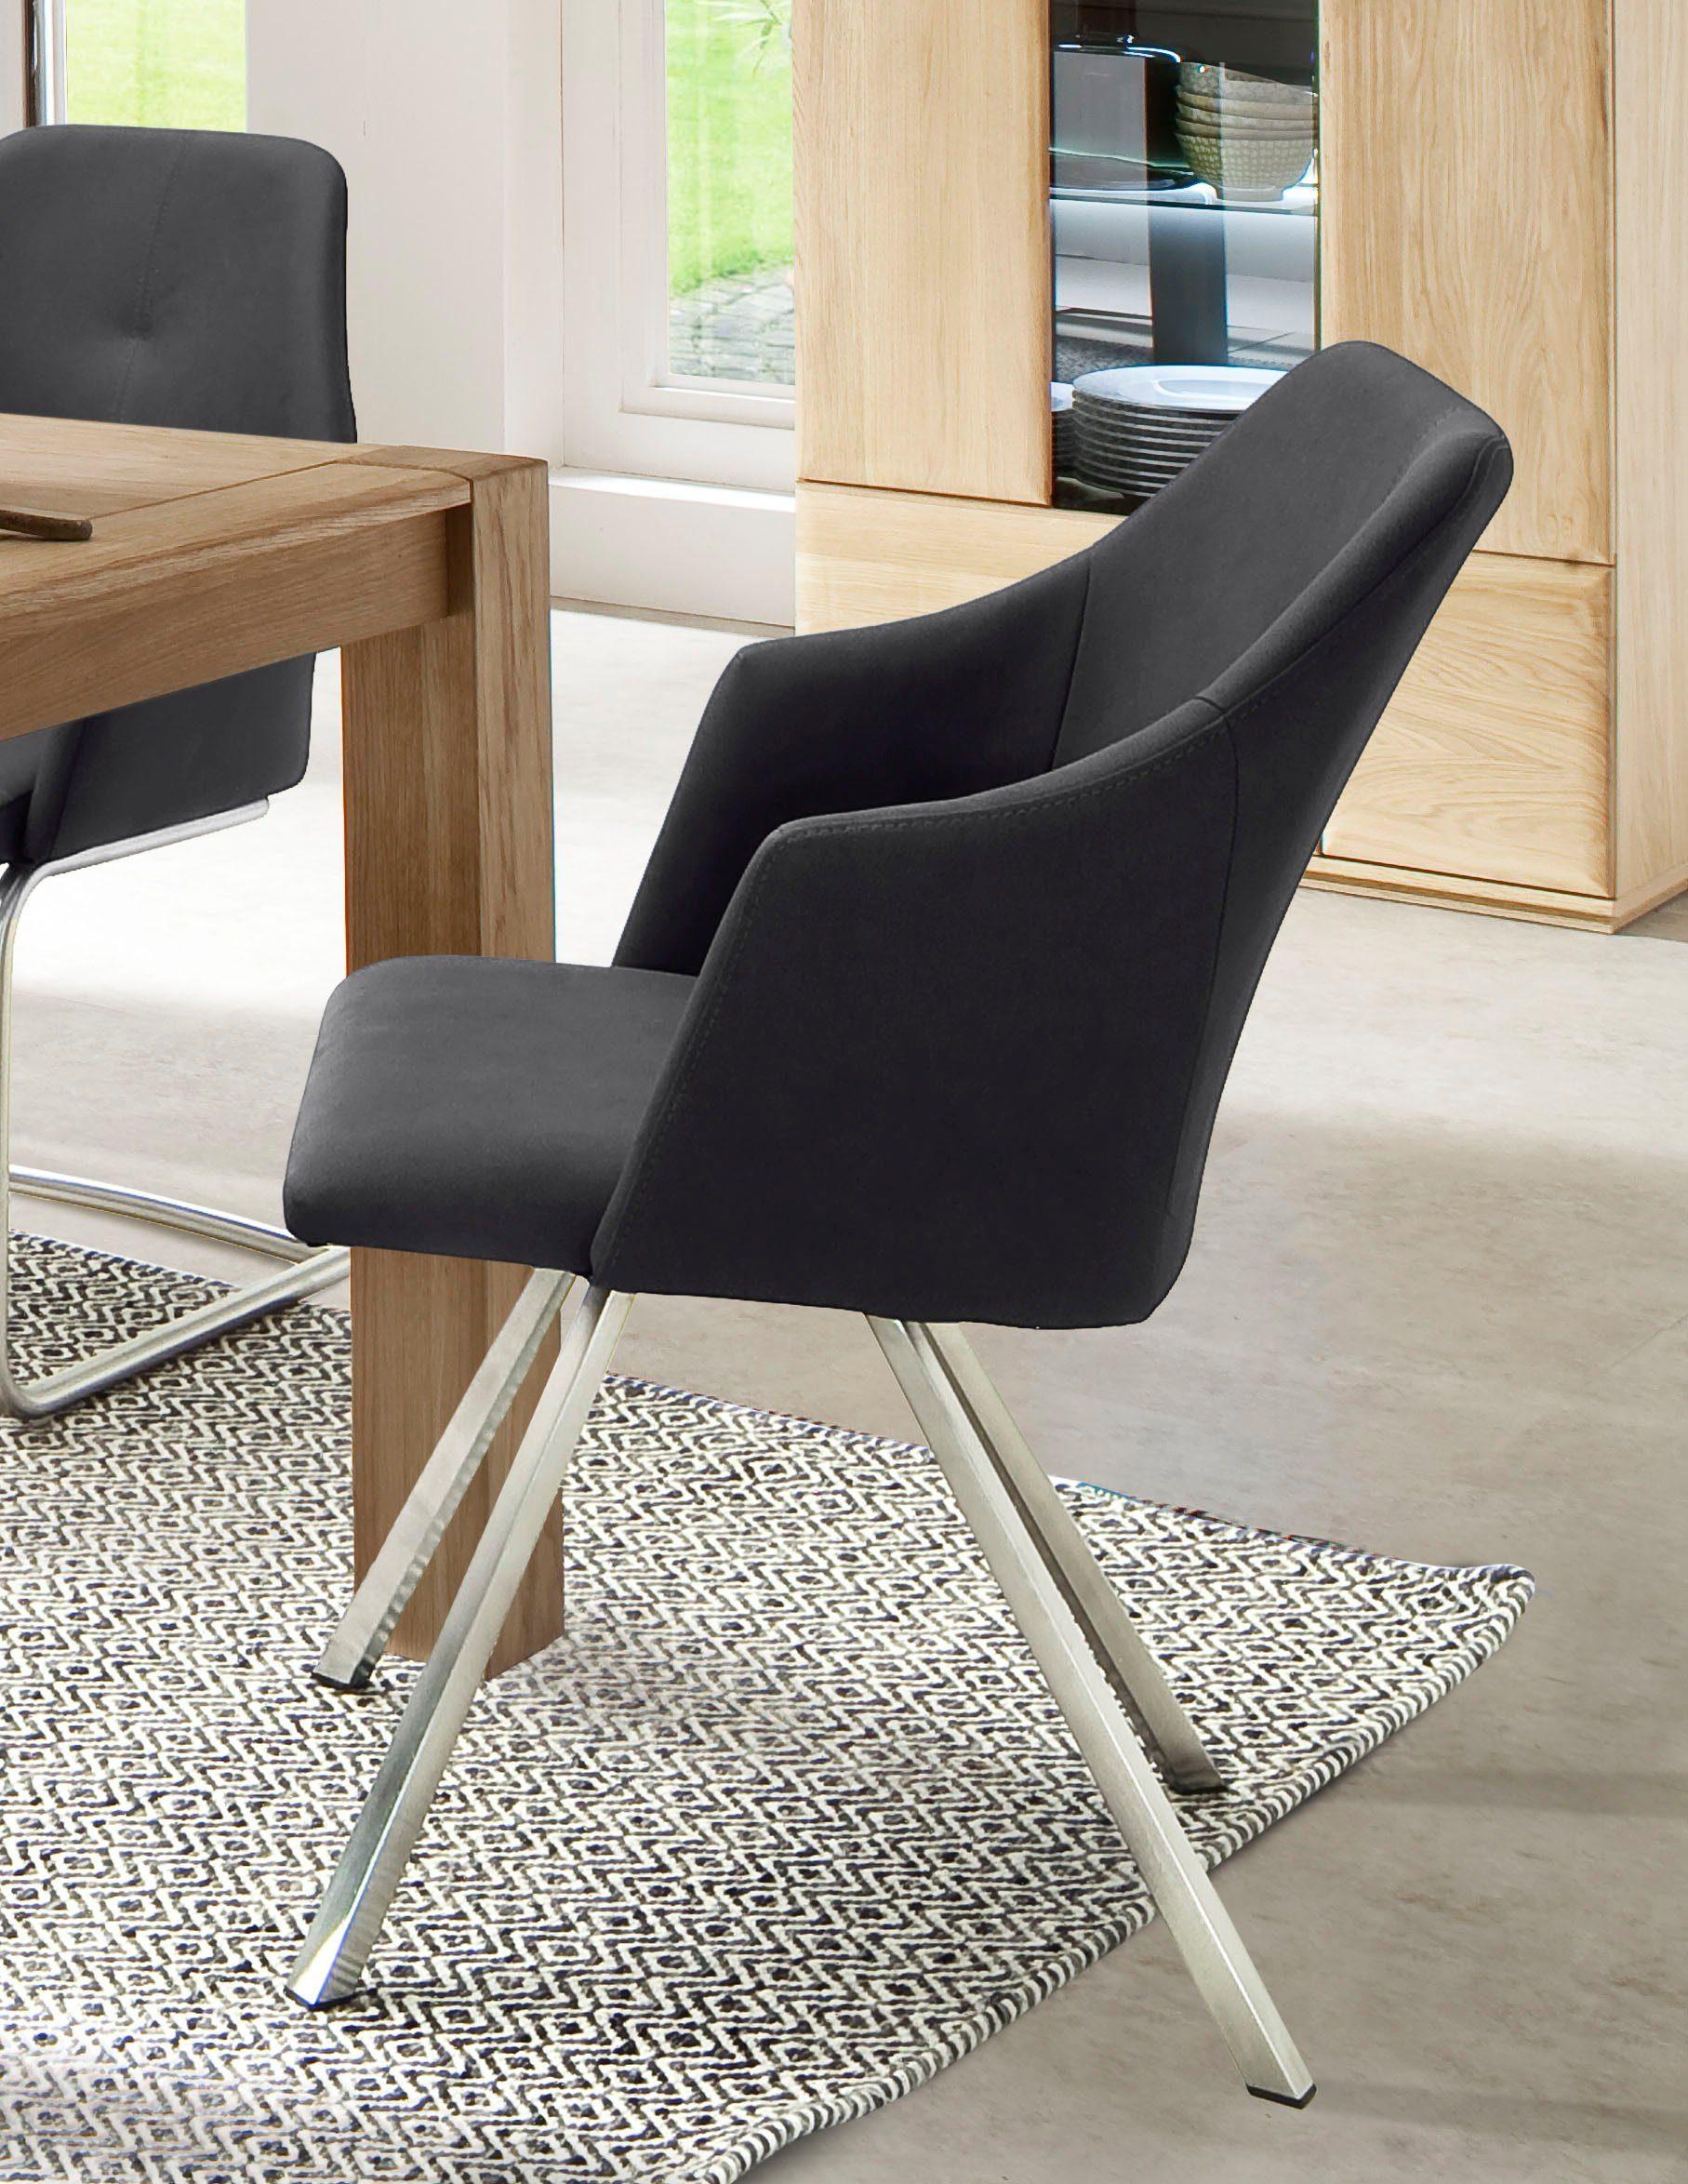 MCA furniture Esszimmerstuhl »Madita 4 Fuß Stuhl B eckig« 2er Set, Stuhl belastbar bis max. 140 kg online kaufen   OTTO